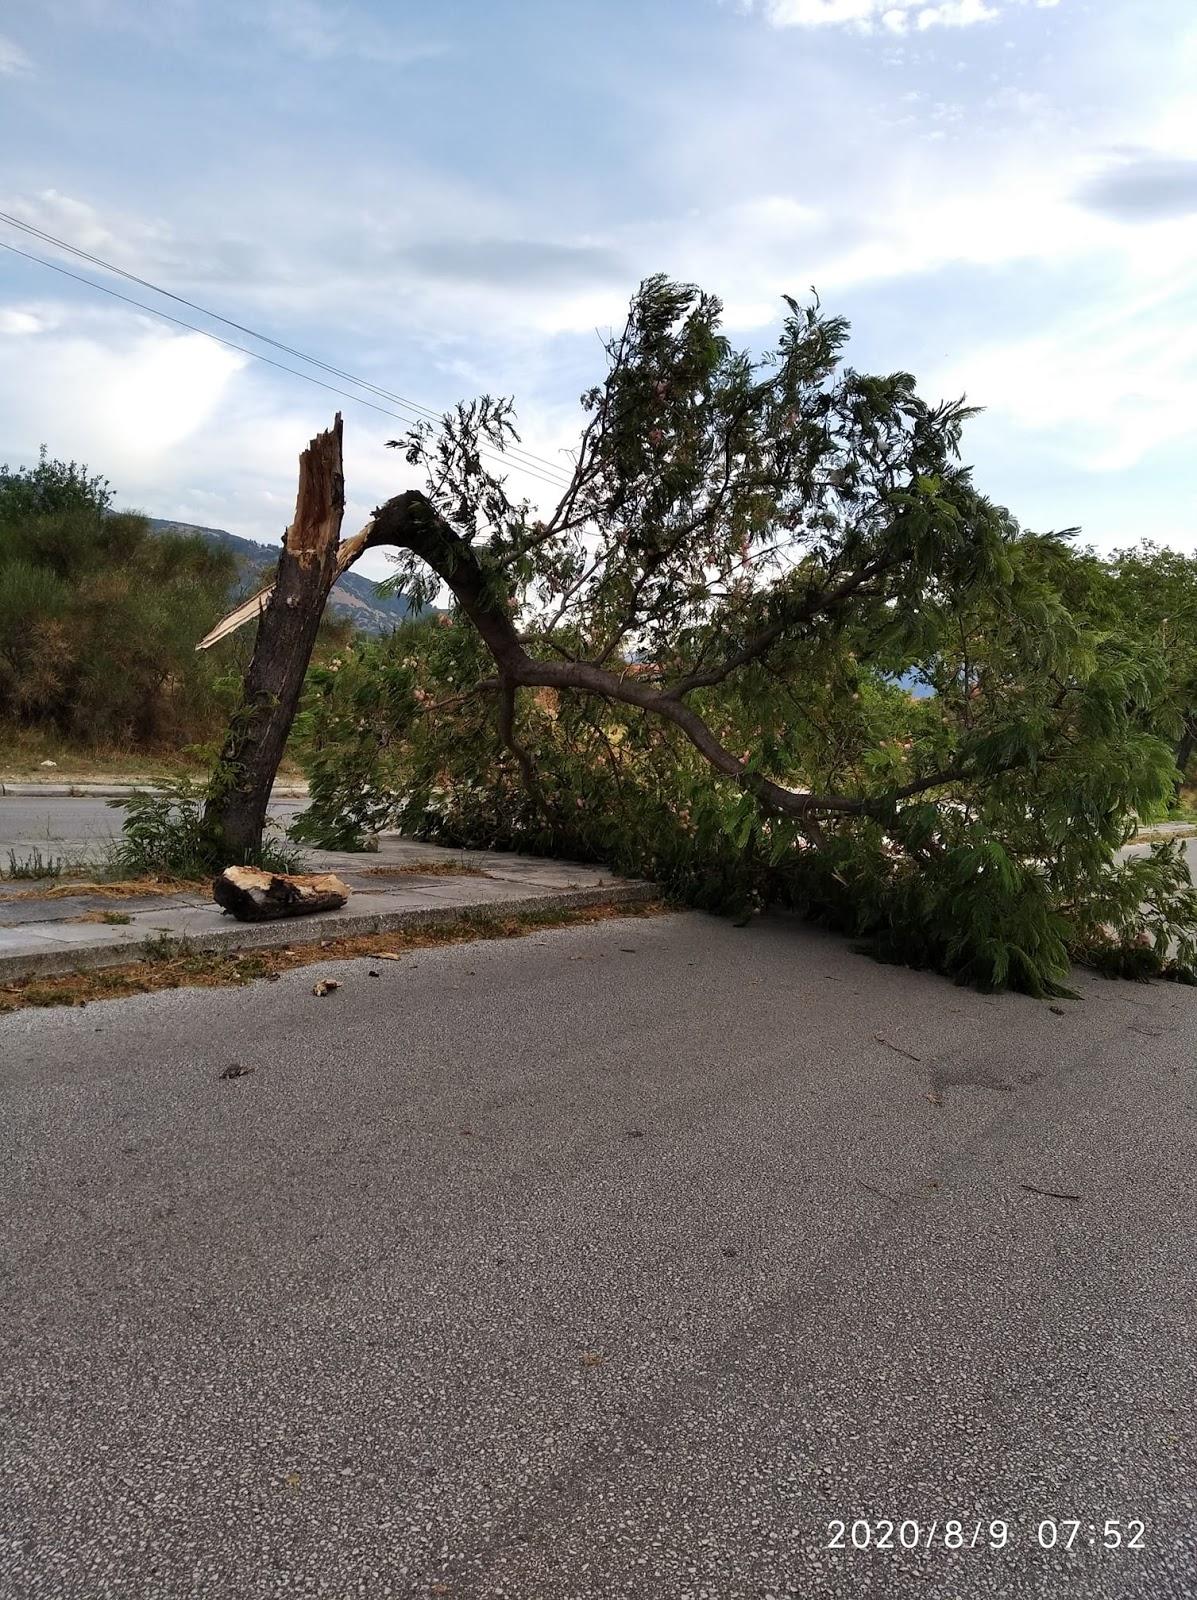 Καιρός: Πτώσεις δέντρων και κλαδιών στην Ξάνθη από θυελλώδεις ανέμους